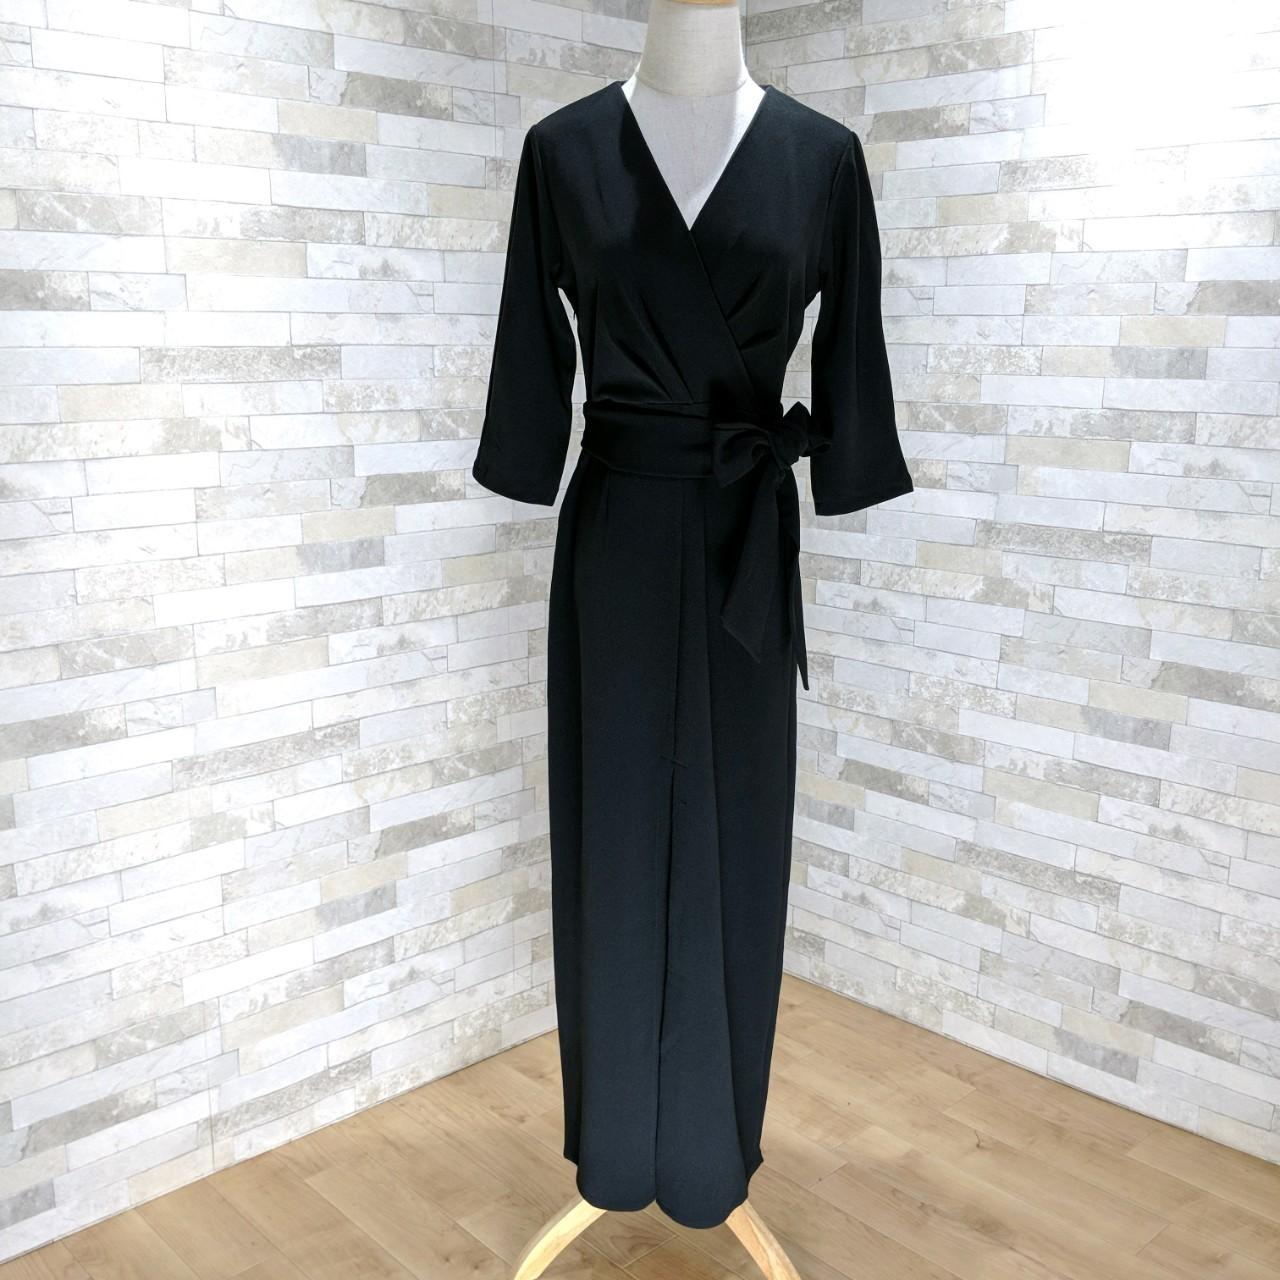 【即納】韓国 ファッション ワンピース パーティードレス ロング マキシ 秋 冬 パーティー ブライダル SPTXC523 結婚式 お呼ばれ ラップ ドレープ ウエストマーク 二次会 セレブ きれいめの写真11枚目